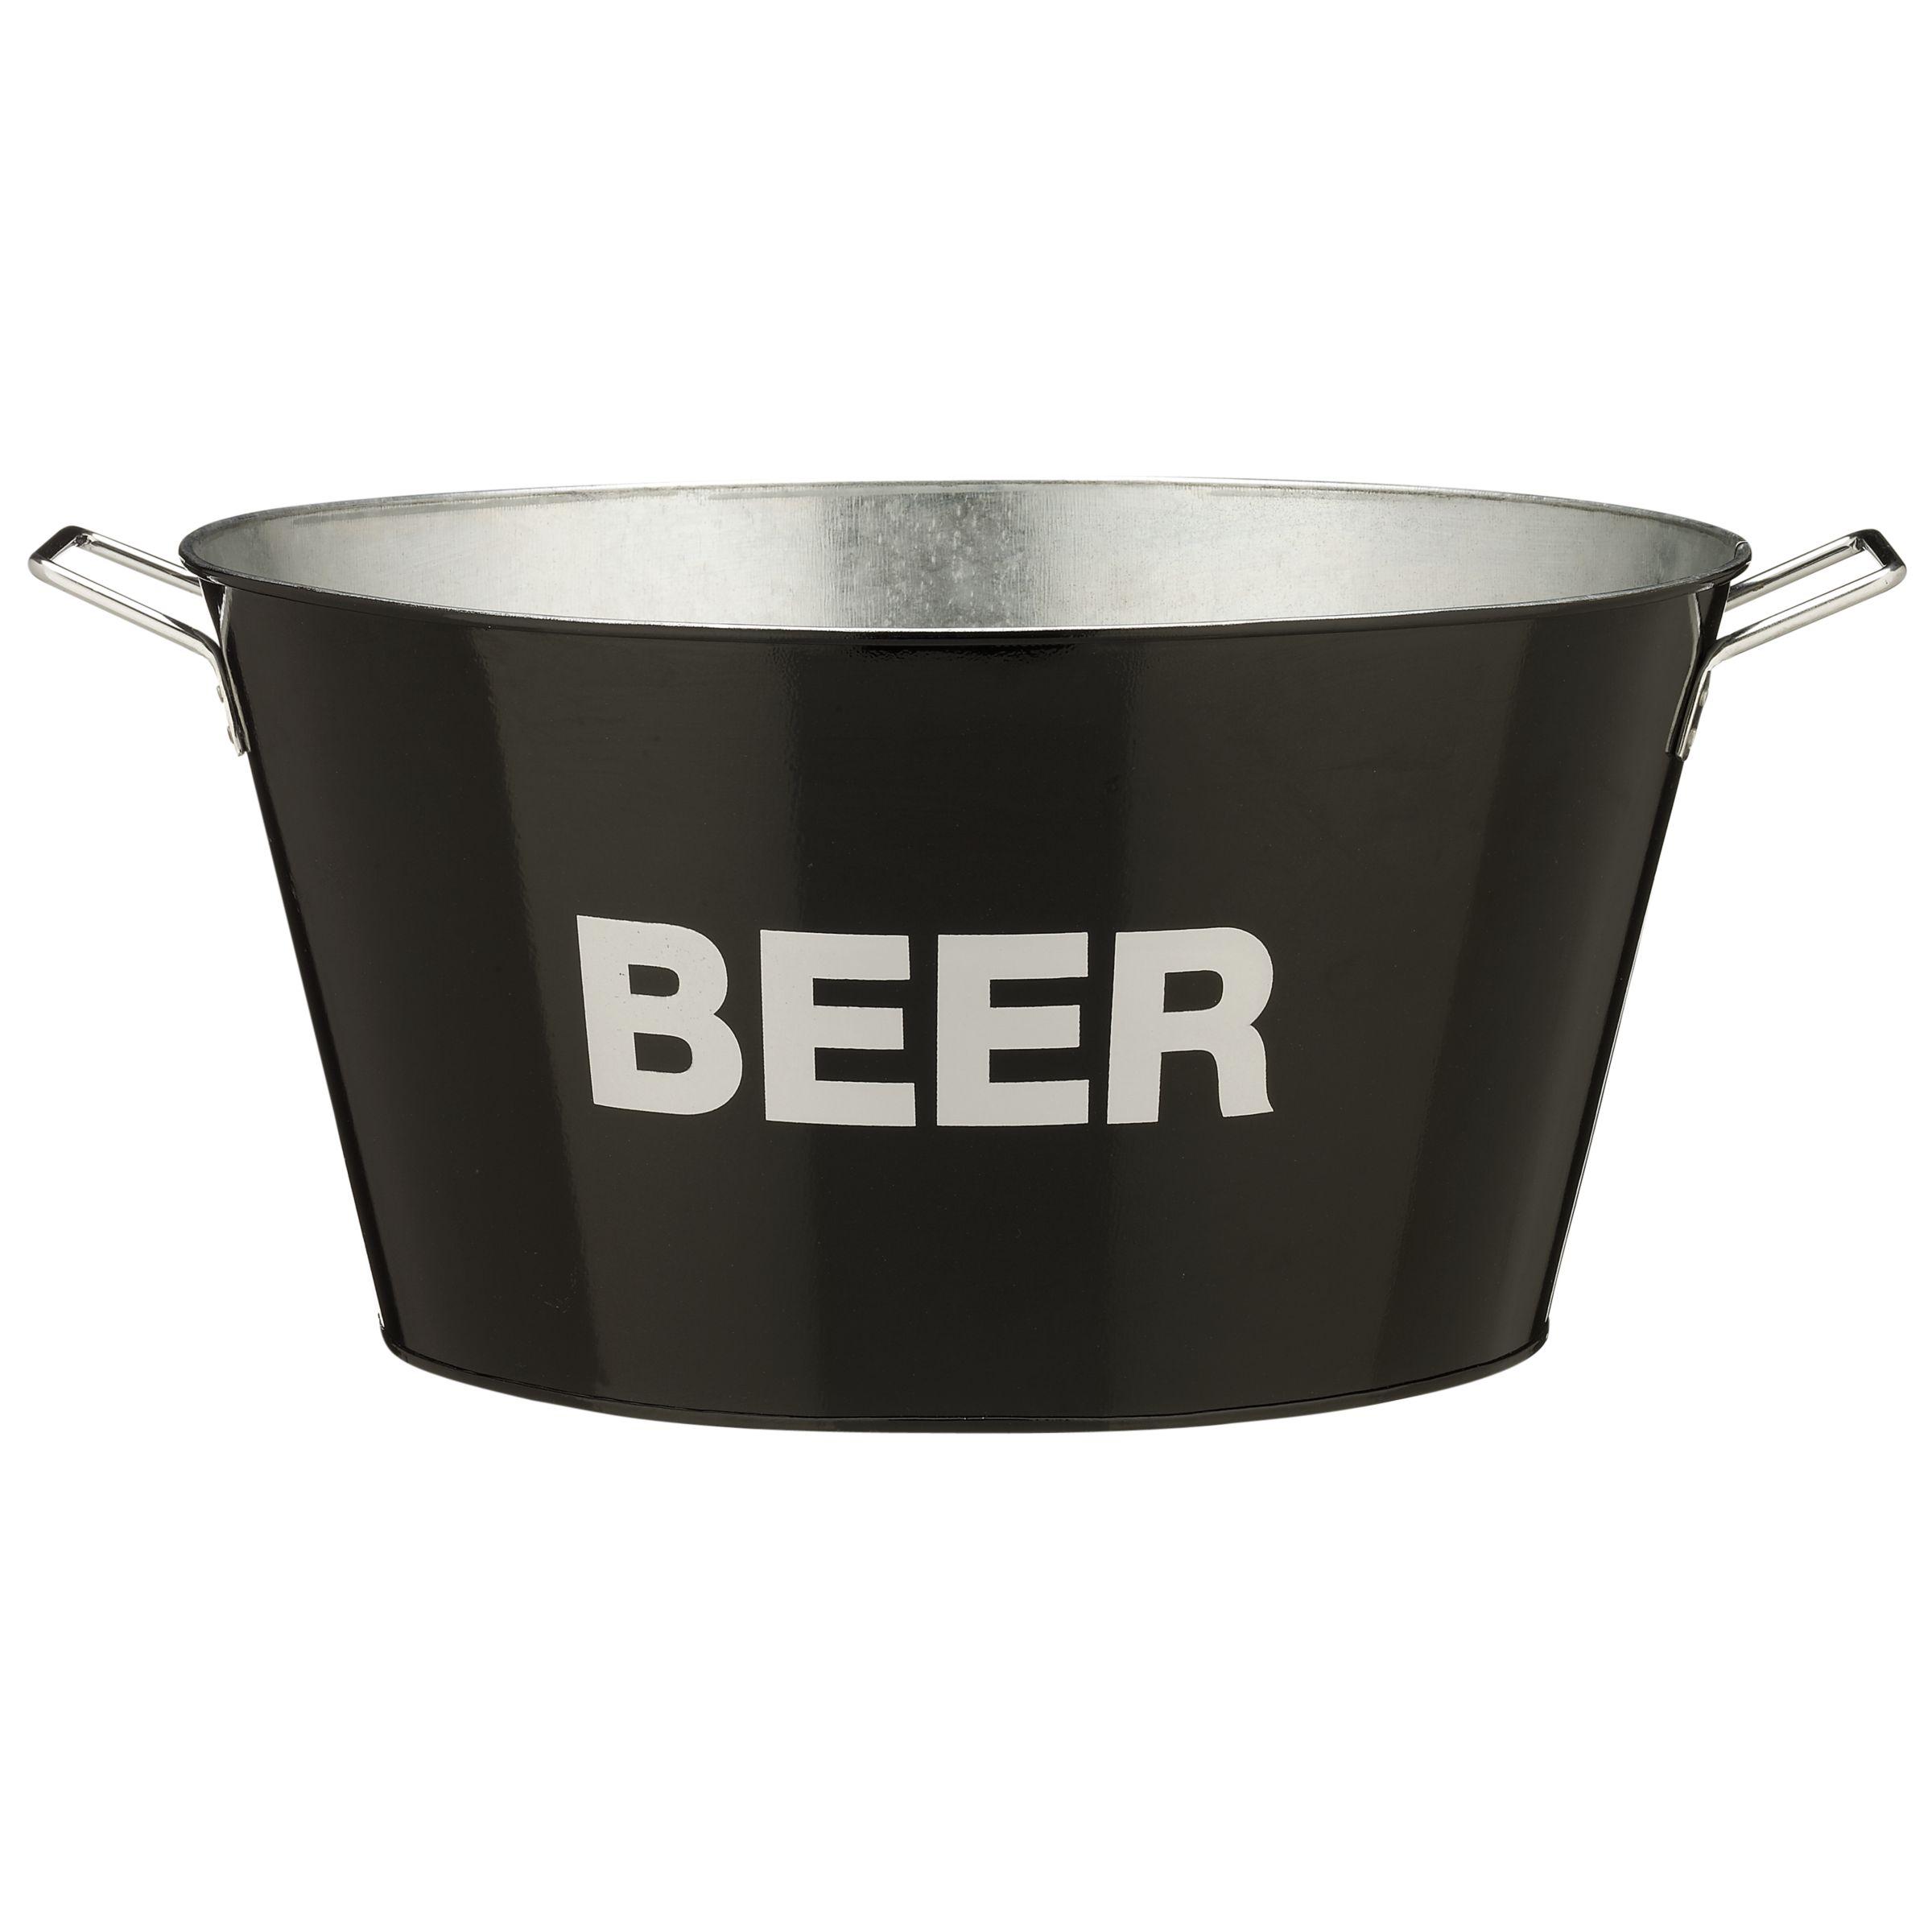 John Lewis Enamel Beer Bucket